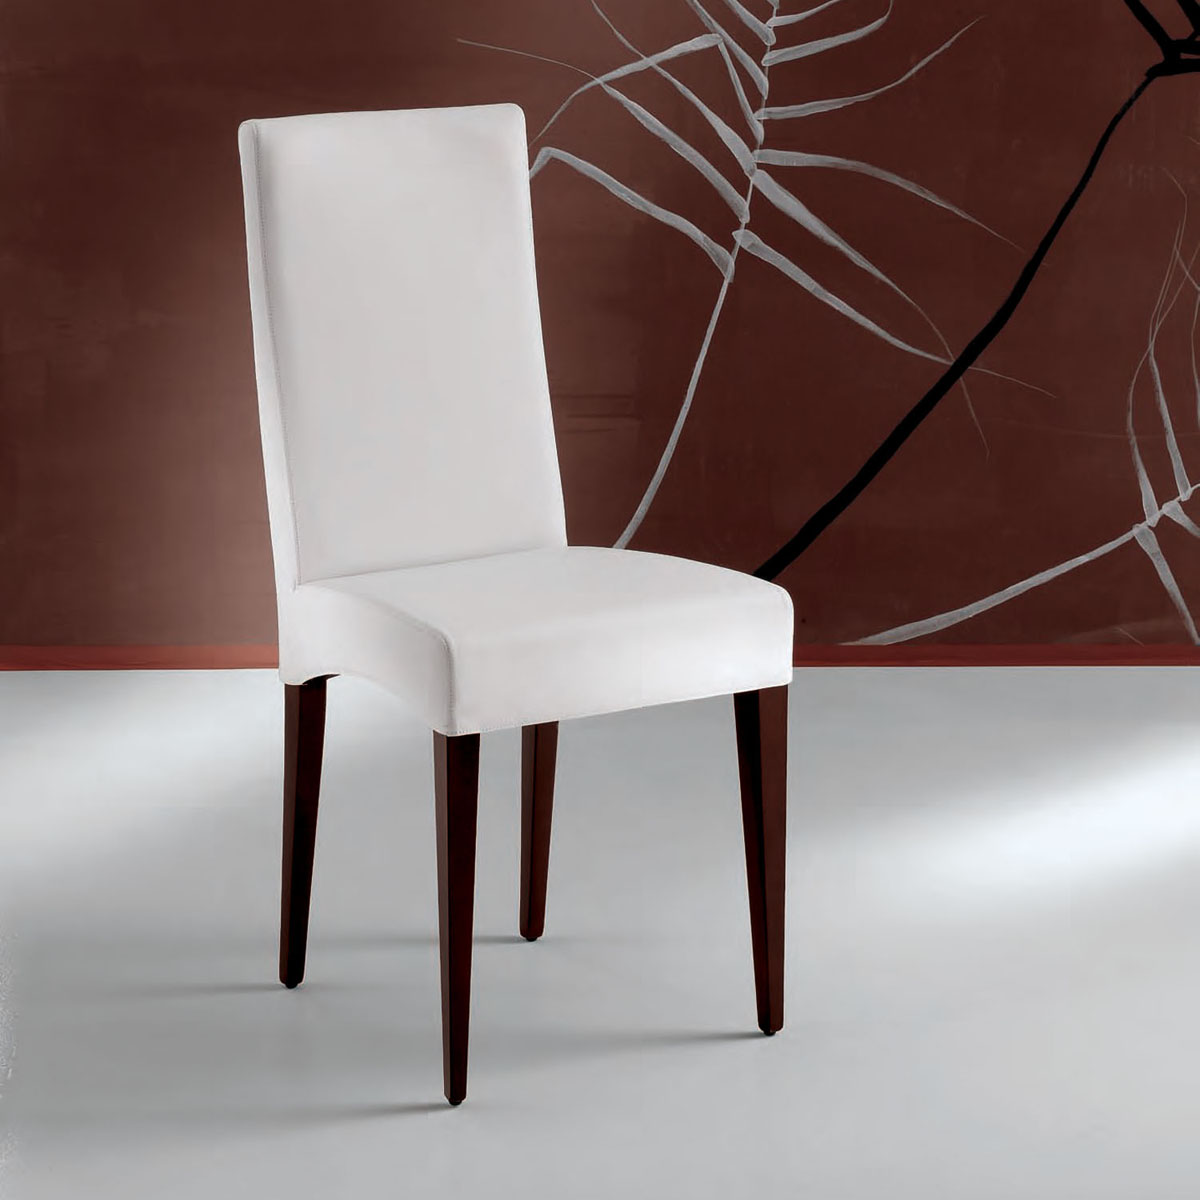 Sillas de piel sillas de comedor tapizadas for Sillas de cuero para comedor